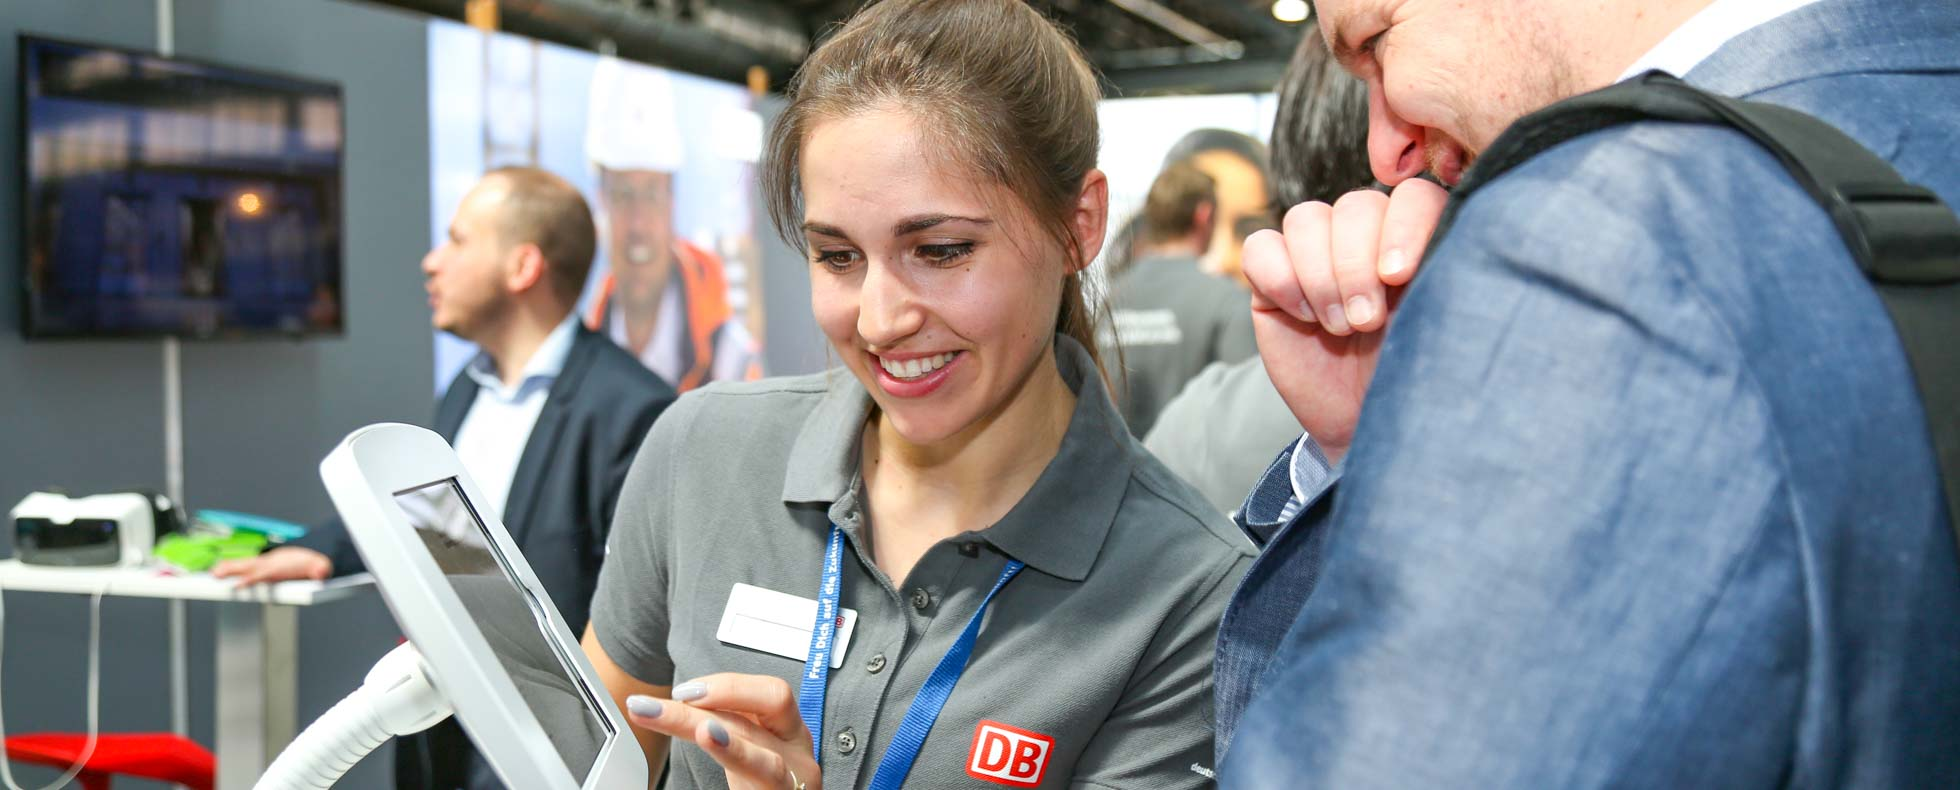 Traineeprogramm am Messestand Deutsche Bahn auf der Connecticum Karriere Messe